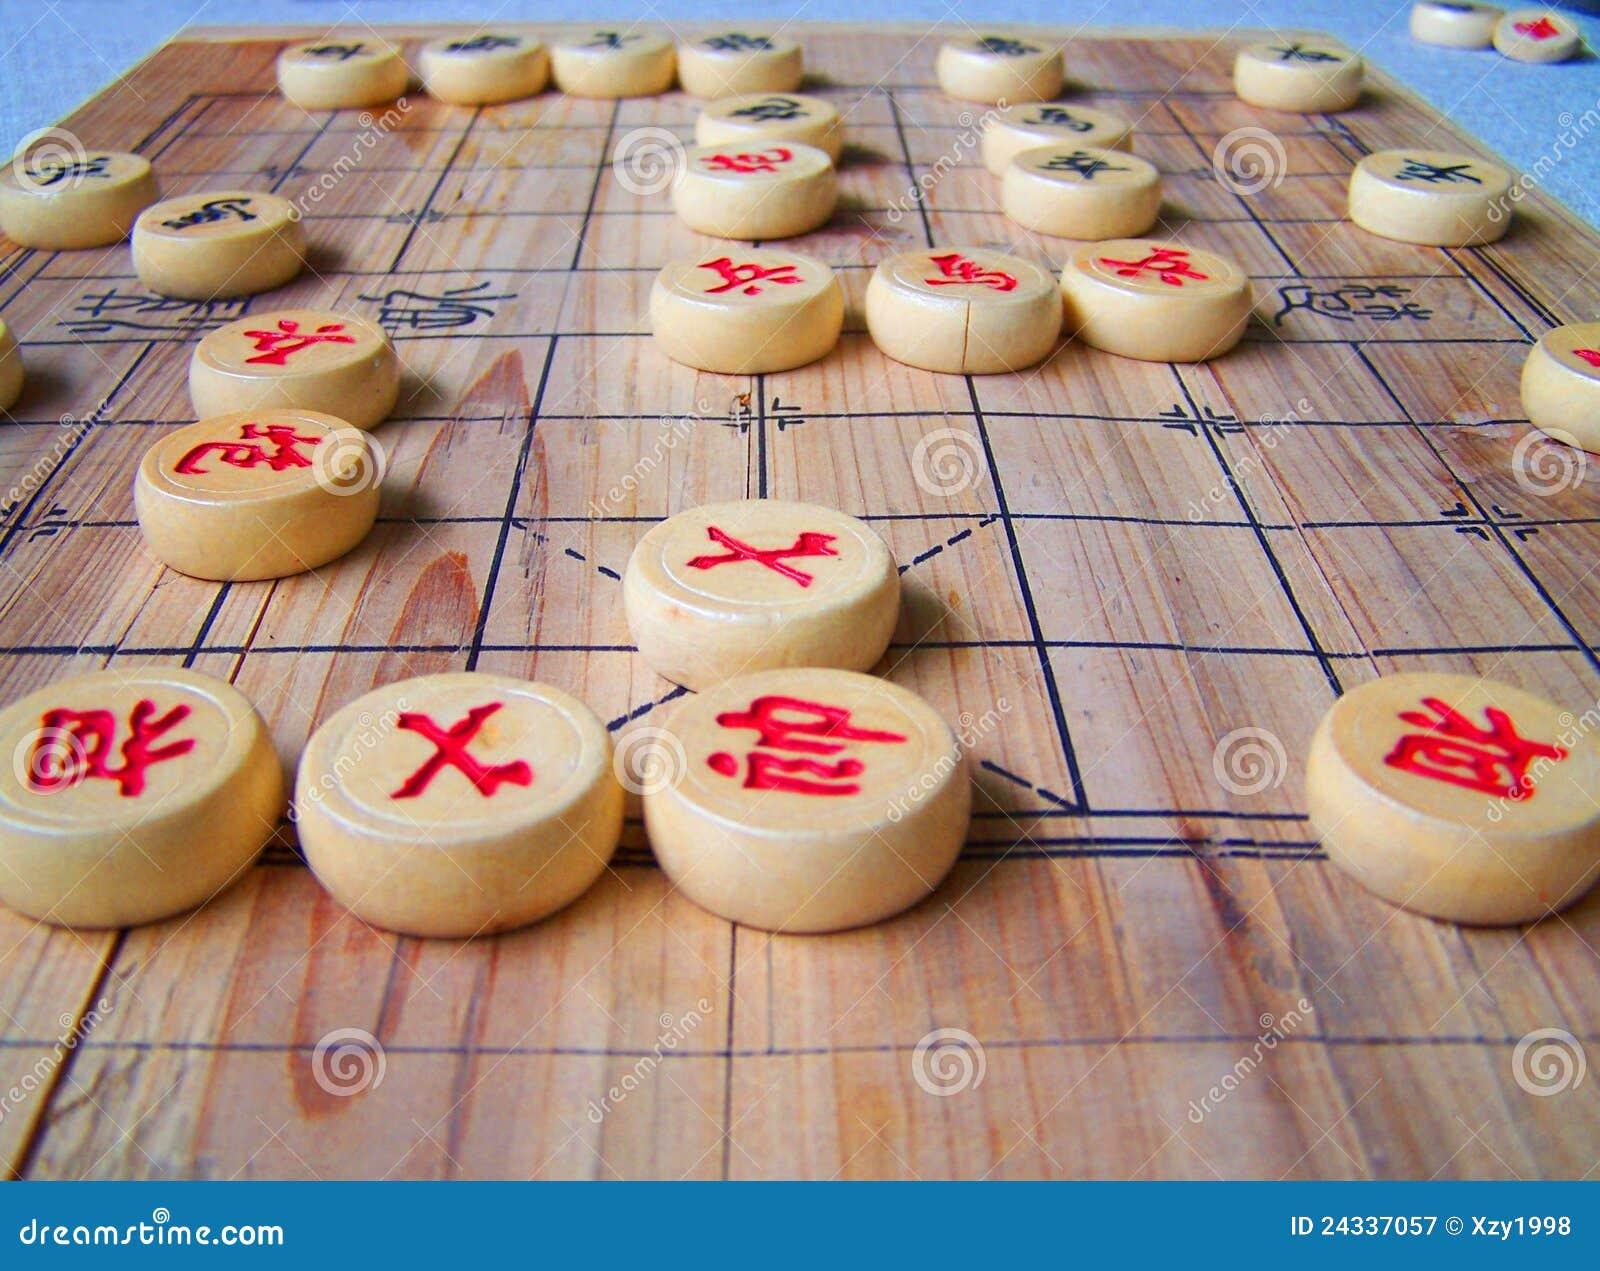 Schach Free